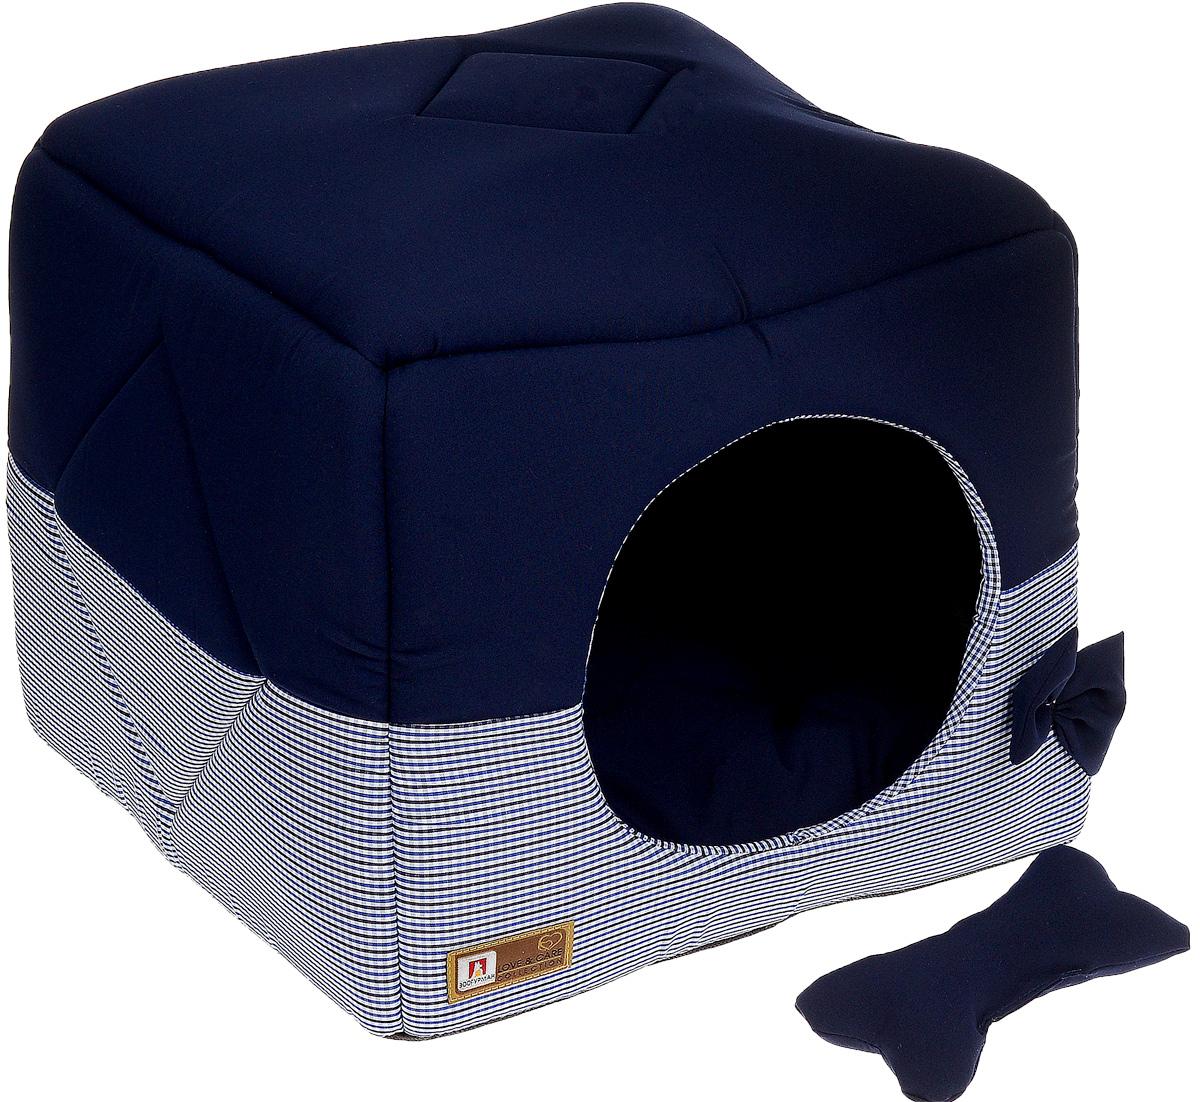 Лежак для собак и кошек Зоогурман Домосед, цвет: синий, 45 х 45 х 45 см2120_синий, мелкая клеткаОригинальный и мягкий лежак для кошек и собак Зоогурман Домосед обязательно понравится вашемупитомцу. Лежак выполнен из приятного материала. Уникальная конструкция лежака имеет два варианта использования: - лежанка, с высокими бортиками и мягкой внутренней подушкой, - закрытый домик с мягкой подушкой внутри.Универсальный лежак-трансформер непременно понравится вашему питомцу, подарит ему ощущение уюта и комфорта. В комплекте со съемной подушкой мягкая игрушка «косточка».За изделием легко ухаживать, можно стирать вручную или в стиральной машинепри температуре 40°С. Материал: микро волоконная шерстяная ткань.Наполнитель: гипоаллергенное синтетическое волокно.Наполнитель матрасика: шерсть.Размер: 45 см х 45 см х 45 см.Размер лежанки: 45 см х 20 см х 45 см.